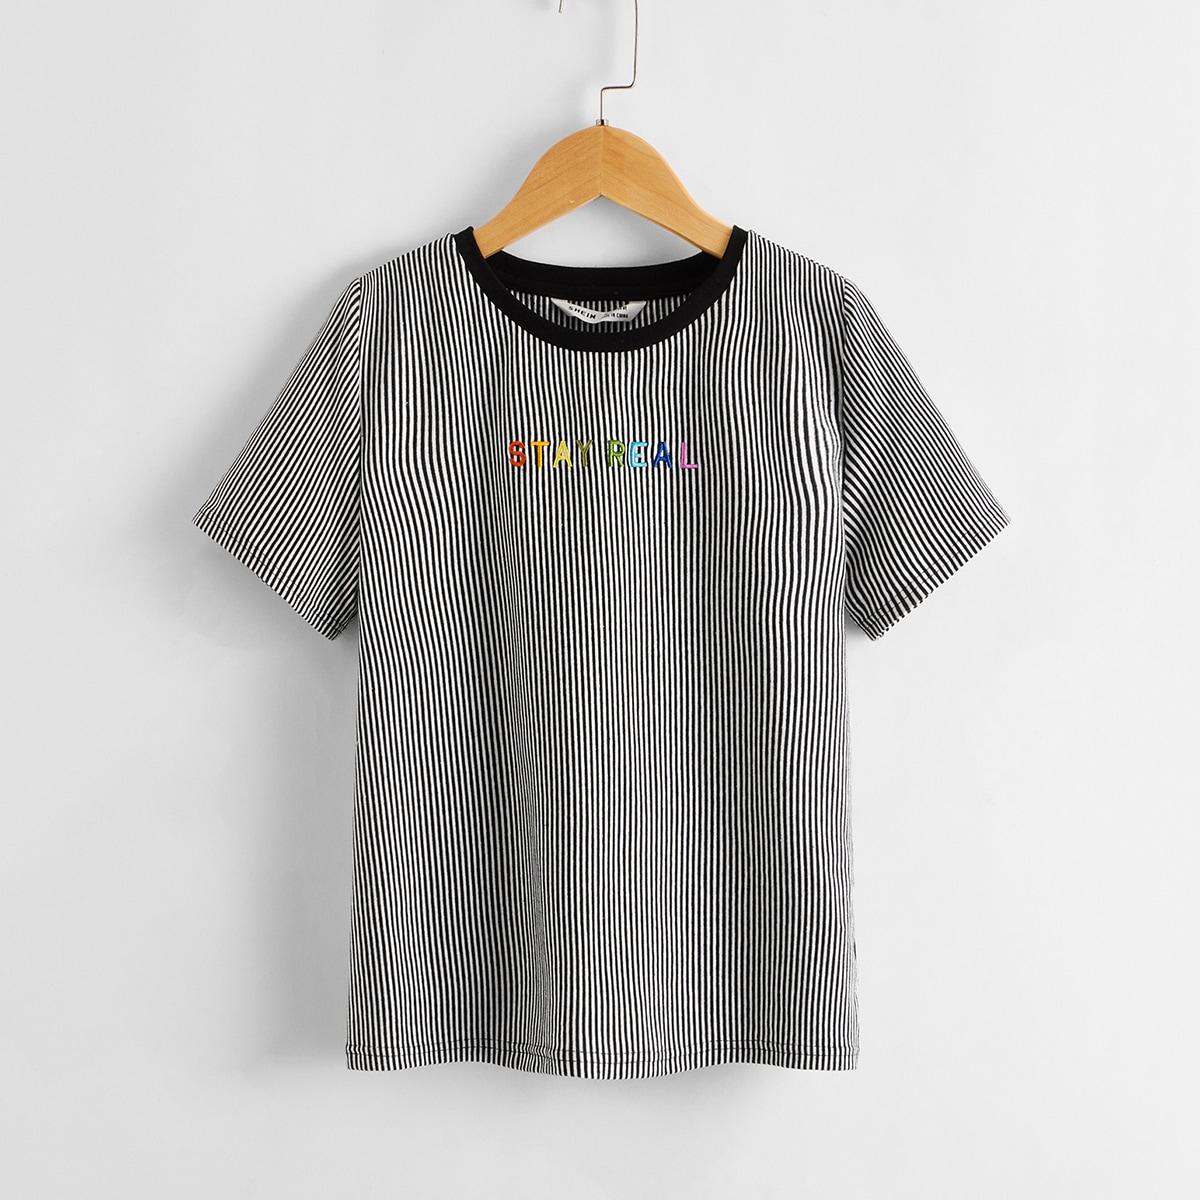 Полосатая футболка с текстовой вышивкой для мальчиков фото